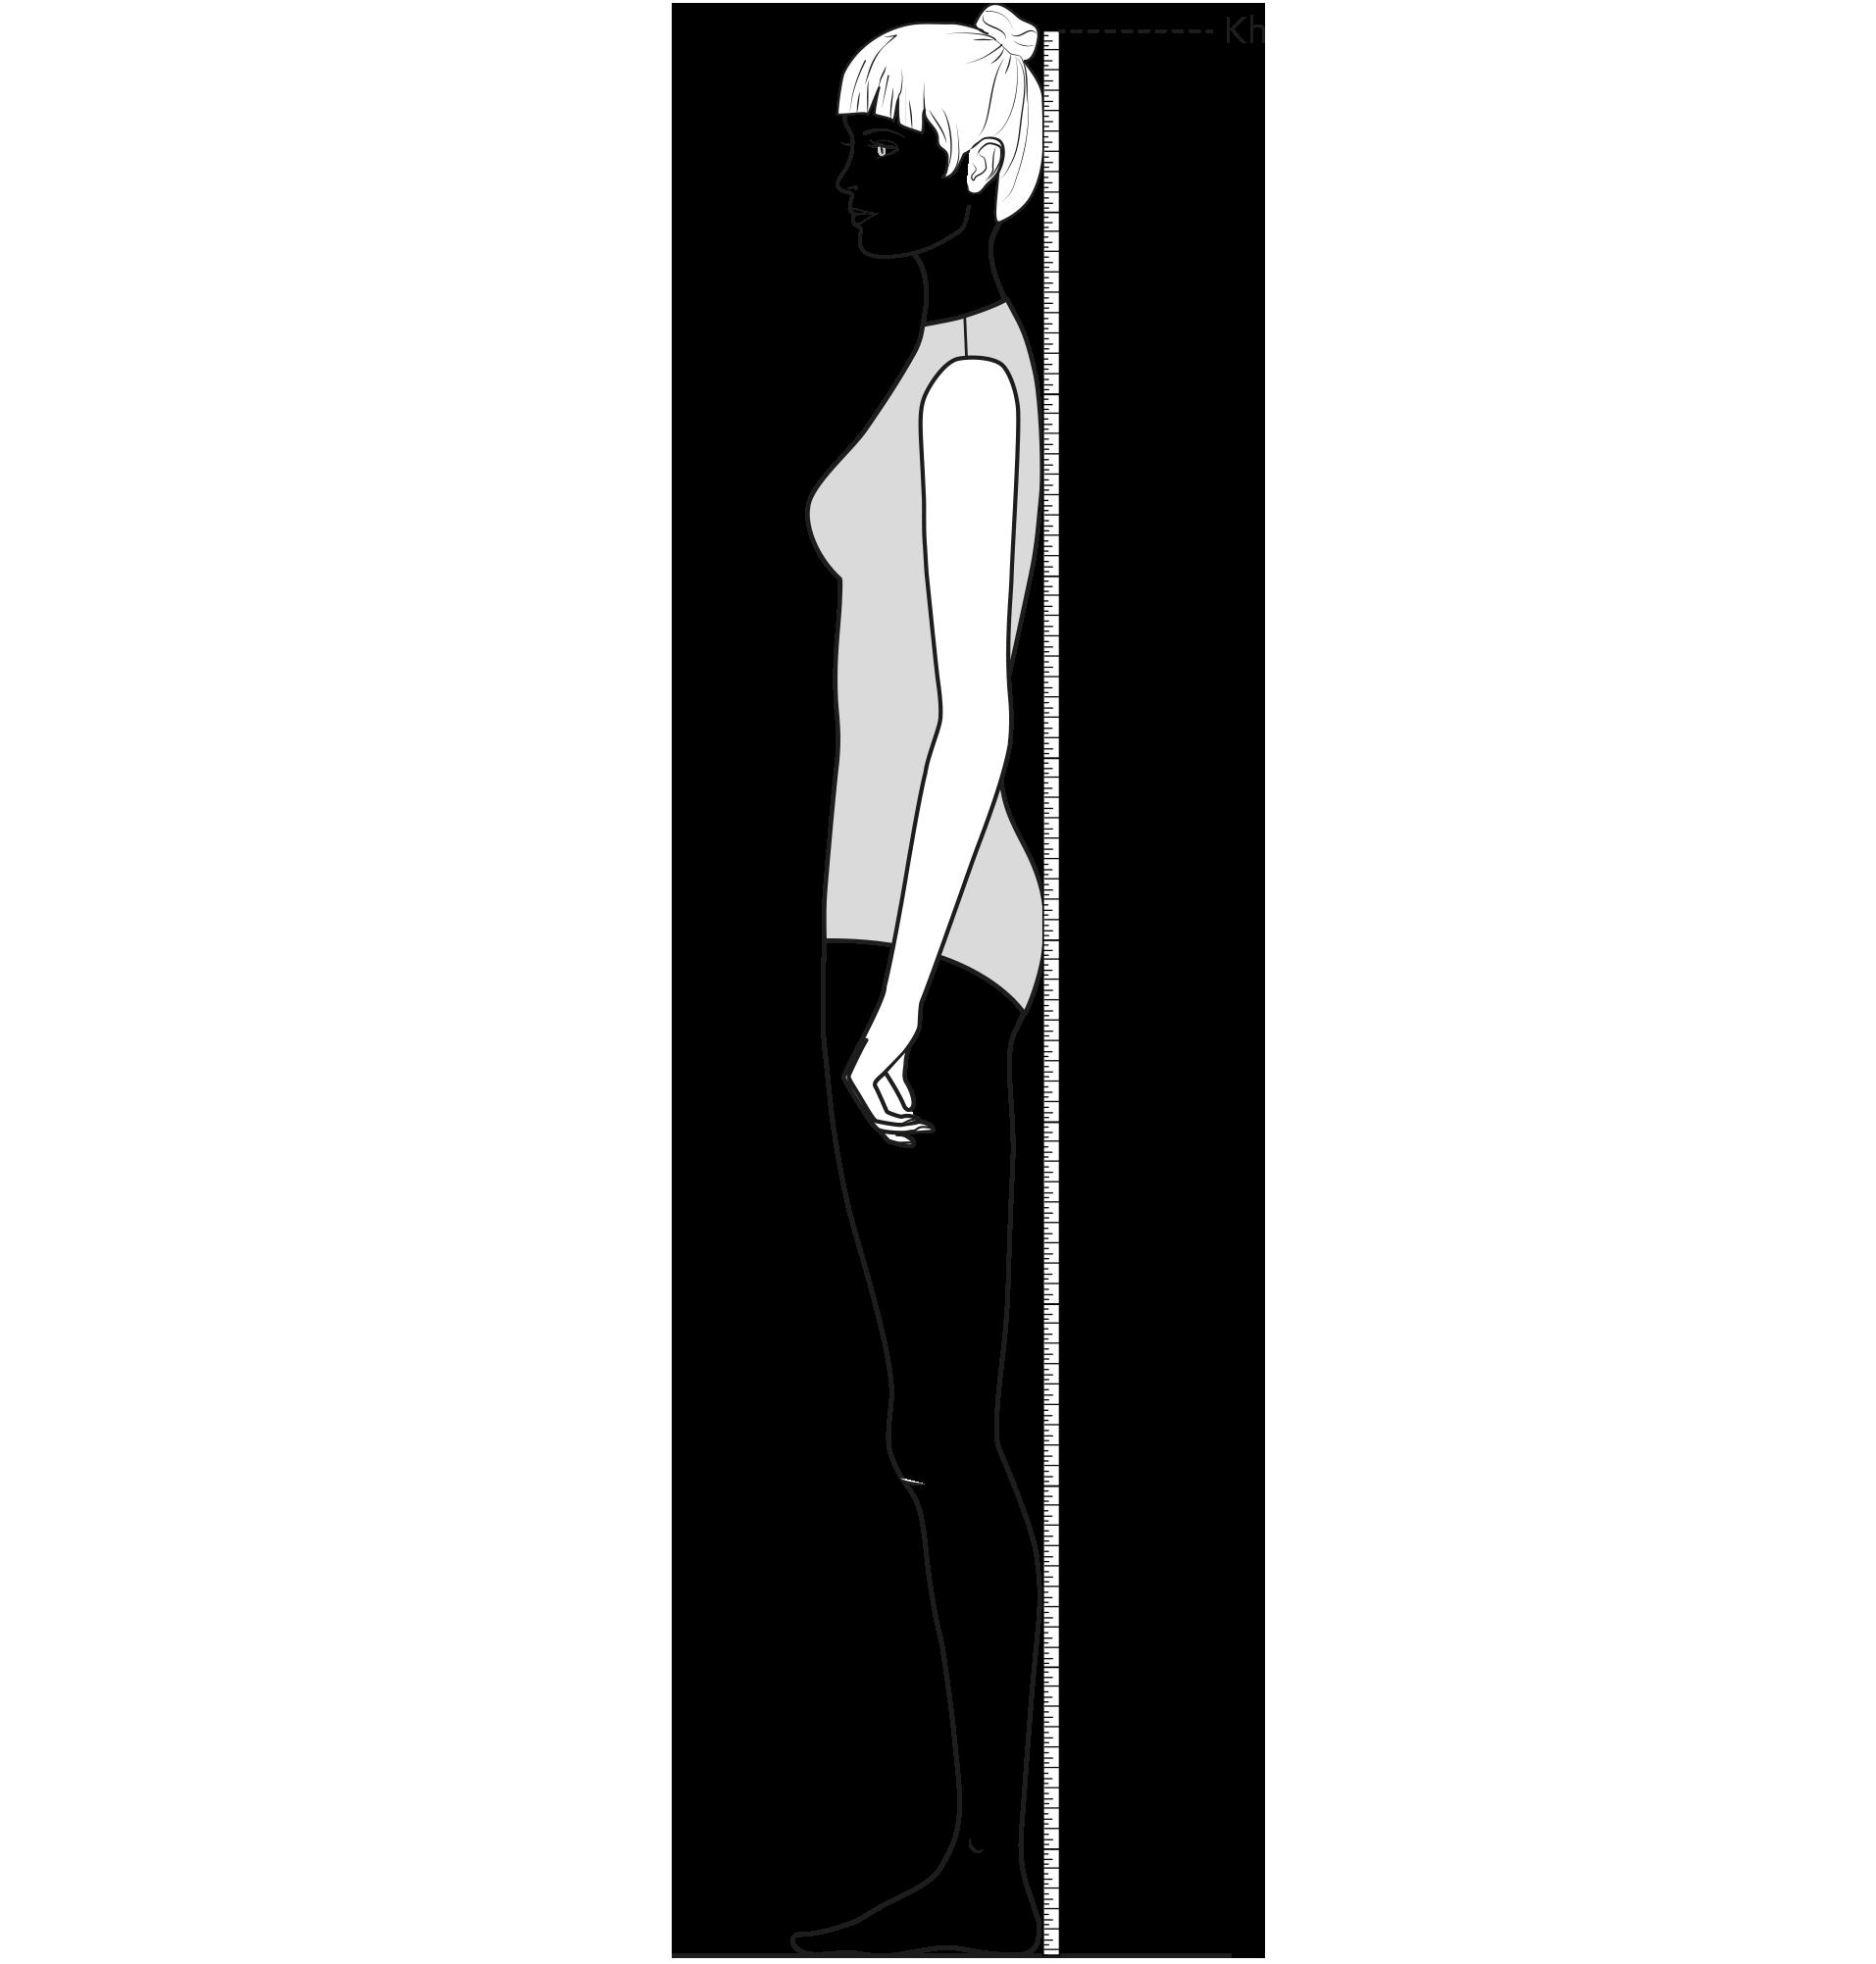 Diese Zeichnung zeigt das Messen der Körperhöhe.